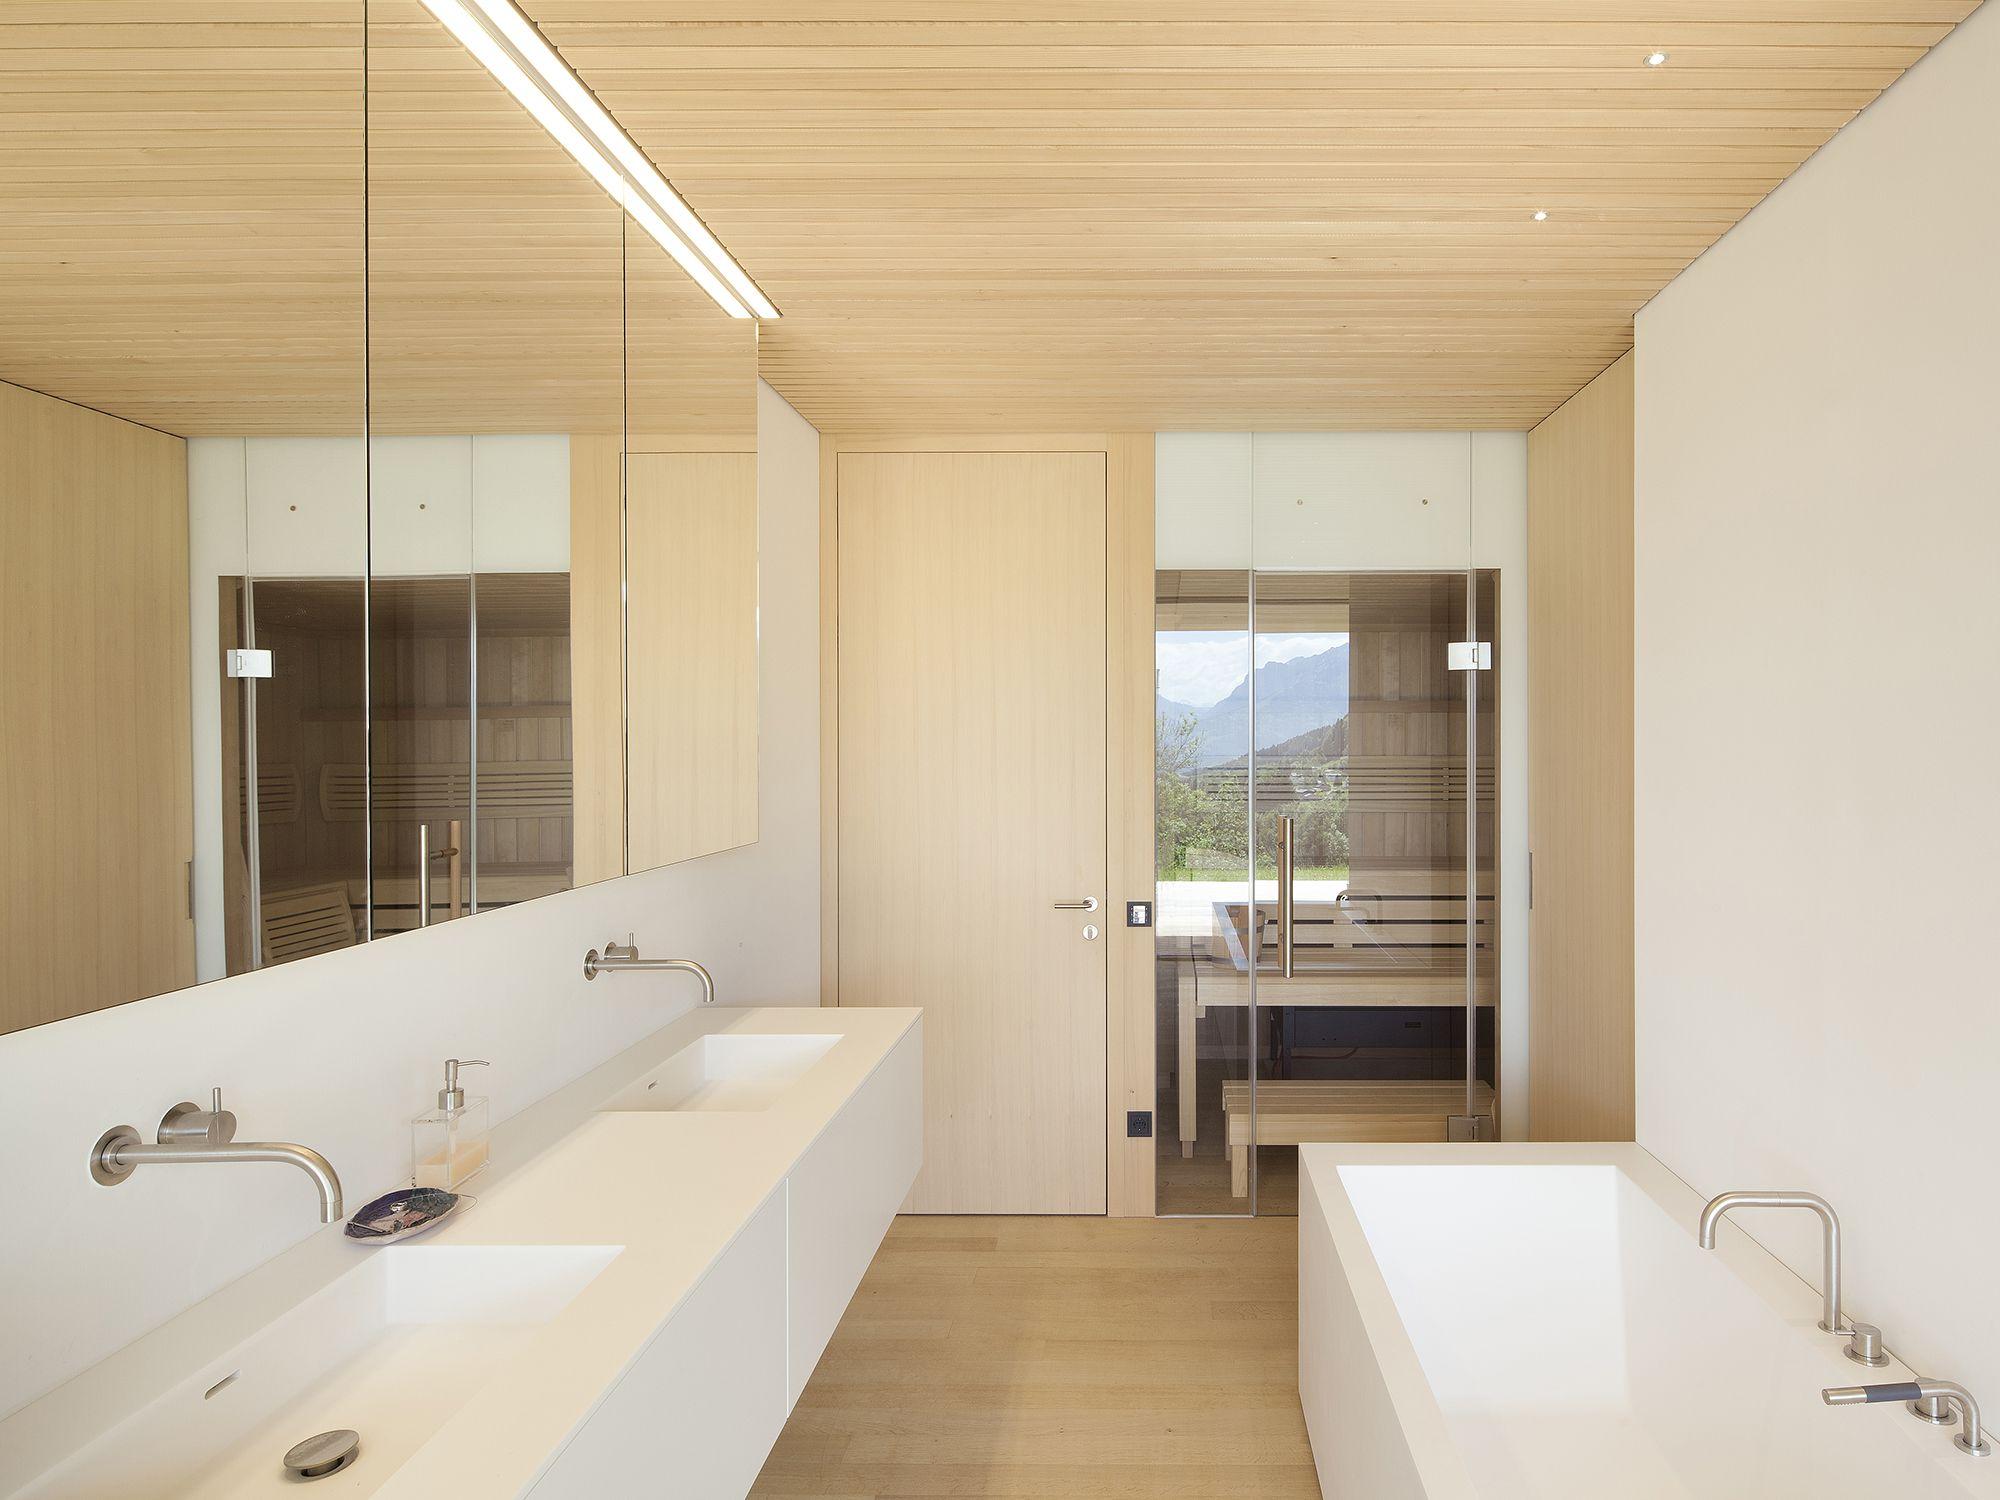 Haus B Dafins At Dietrich Untertrifaller Architekten Mit Bildern Haus Badezimmer Design